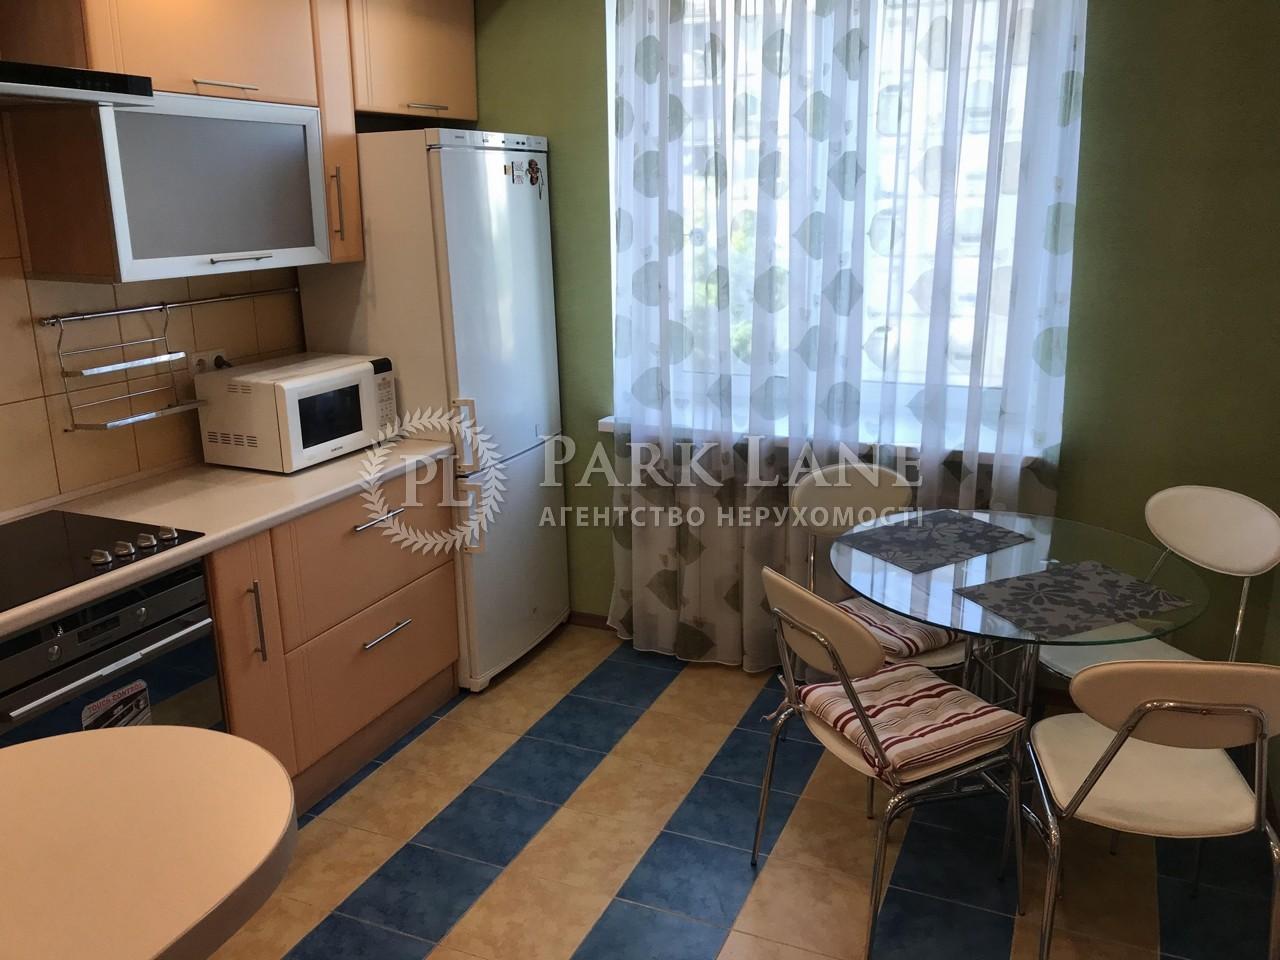 Квартира Харьковское шоссе, 152, Киев, I-33268 - Фото 9